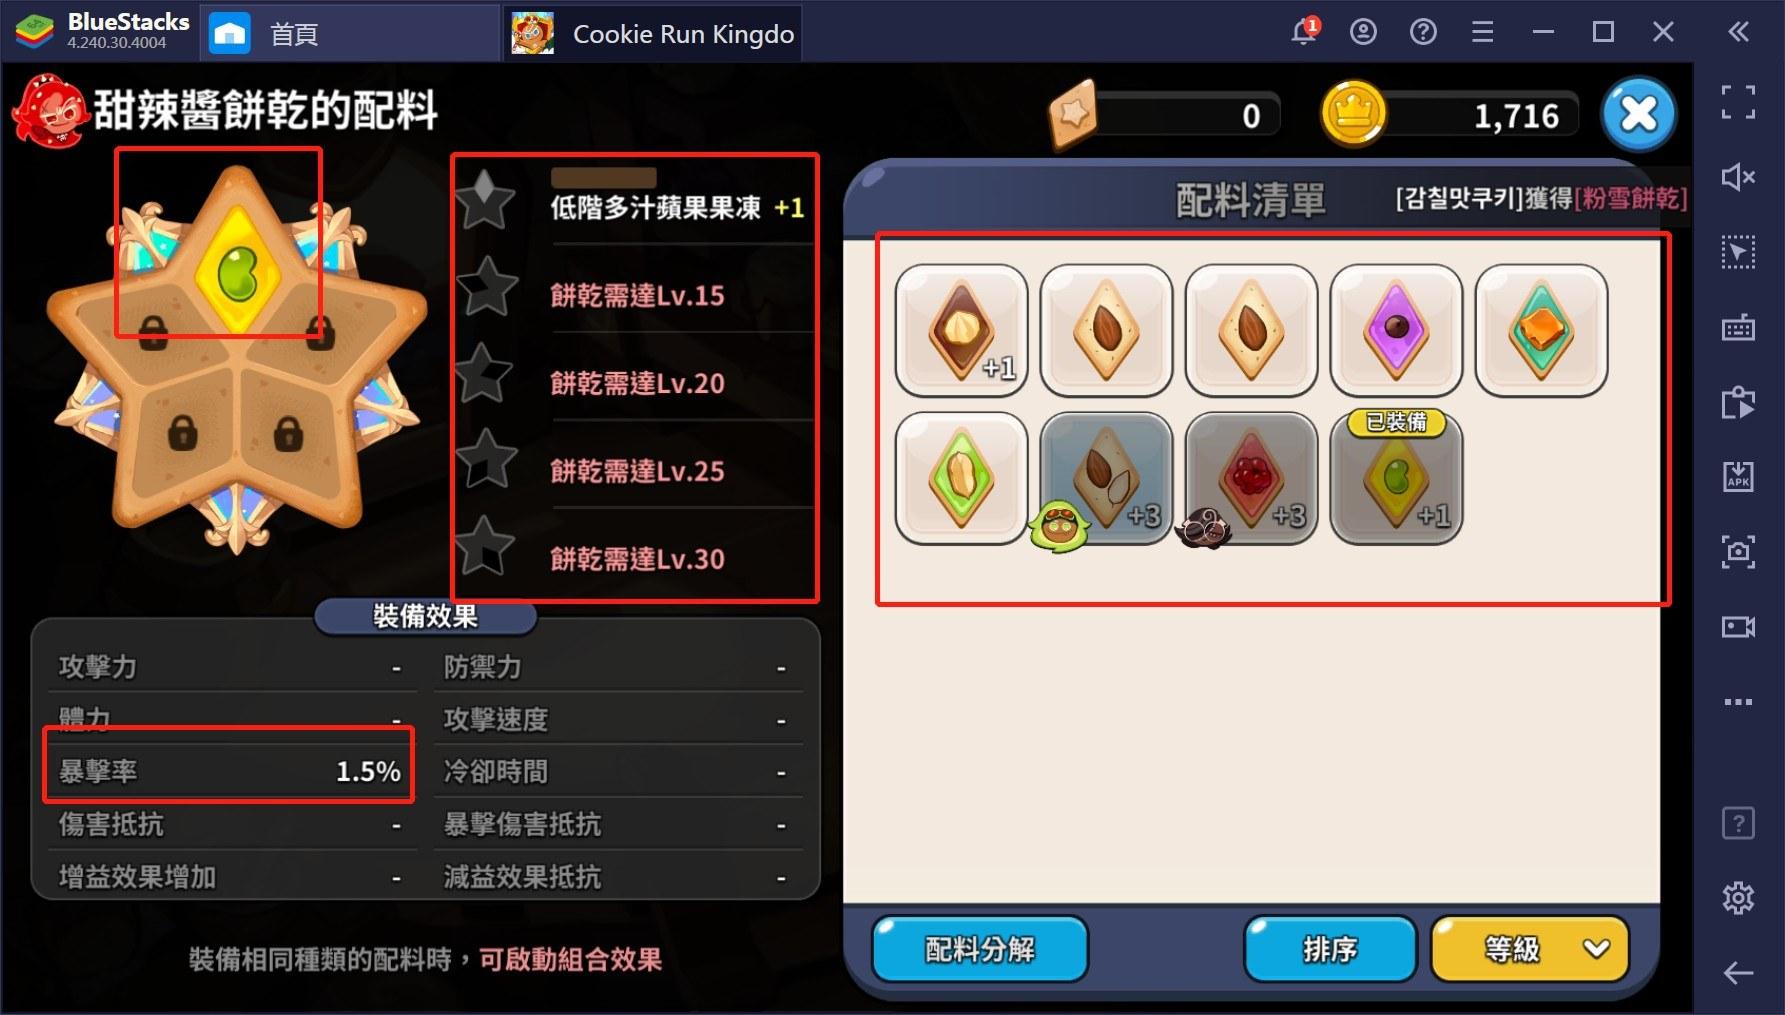 使用BlueStacks在PC上遊玩手機遊戲《薑餅人王國》